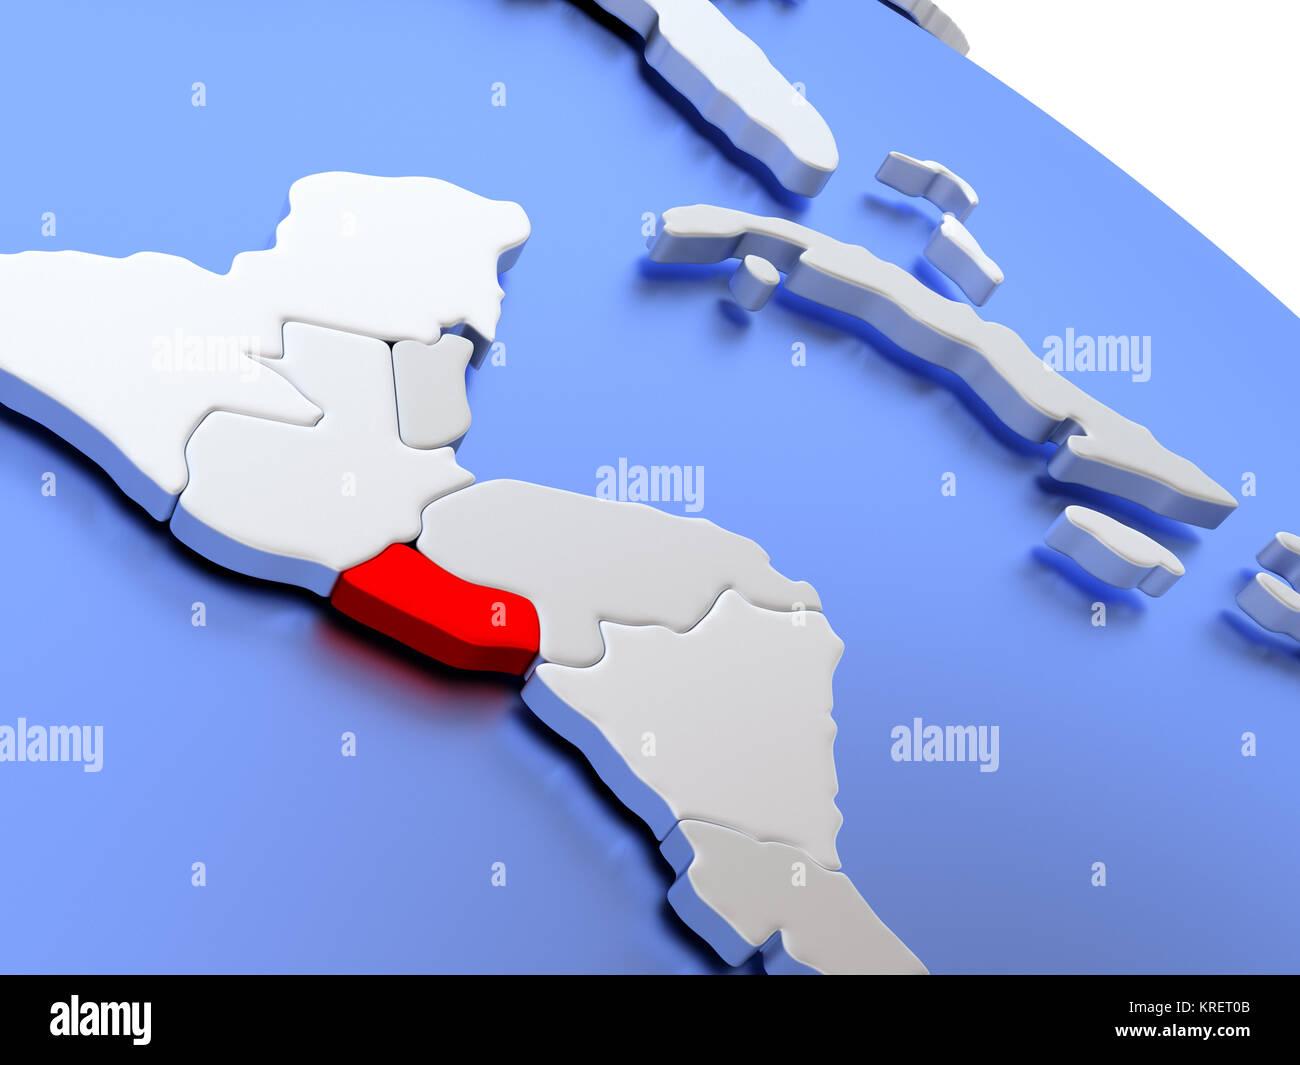 El salvador on world map stock photo 169356555 alamy el salvador on world map gumiabroncs Gallery